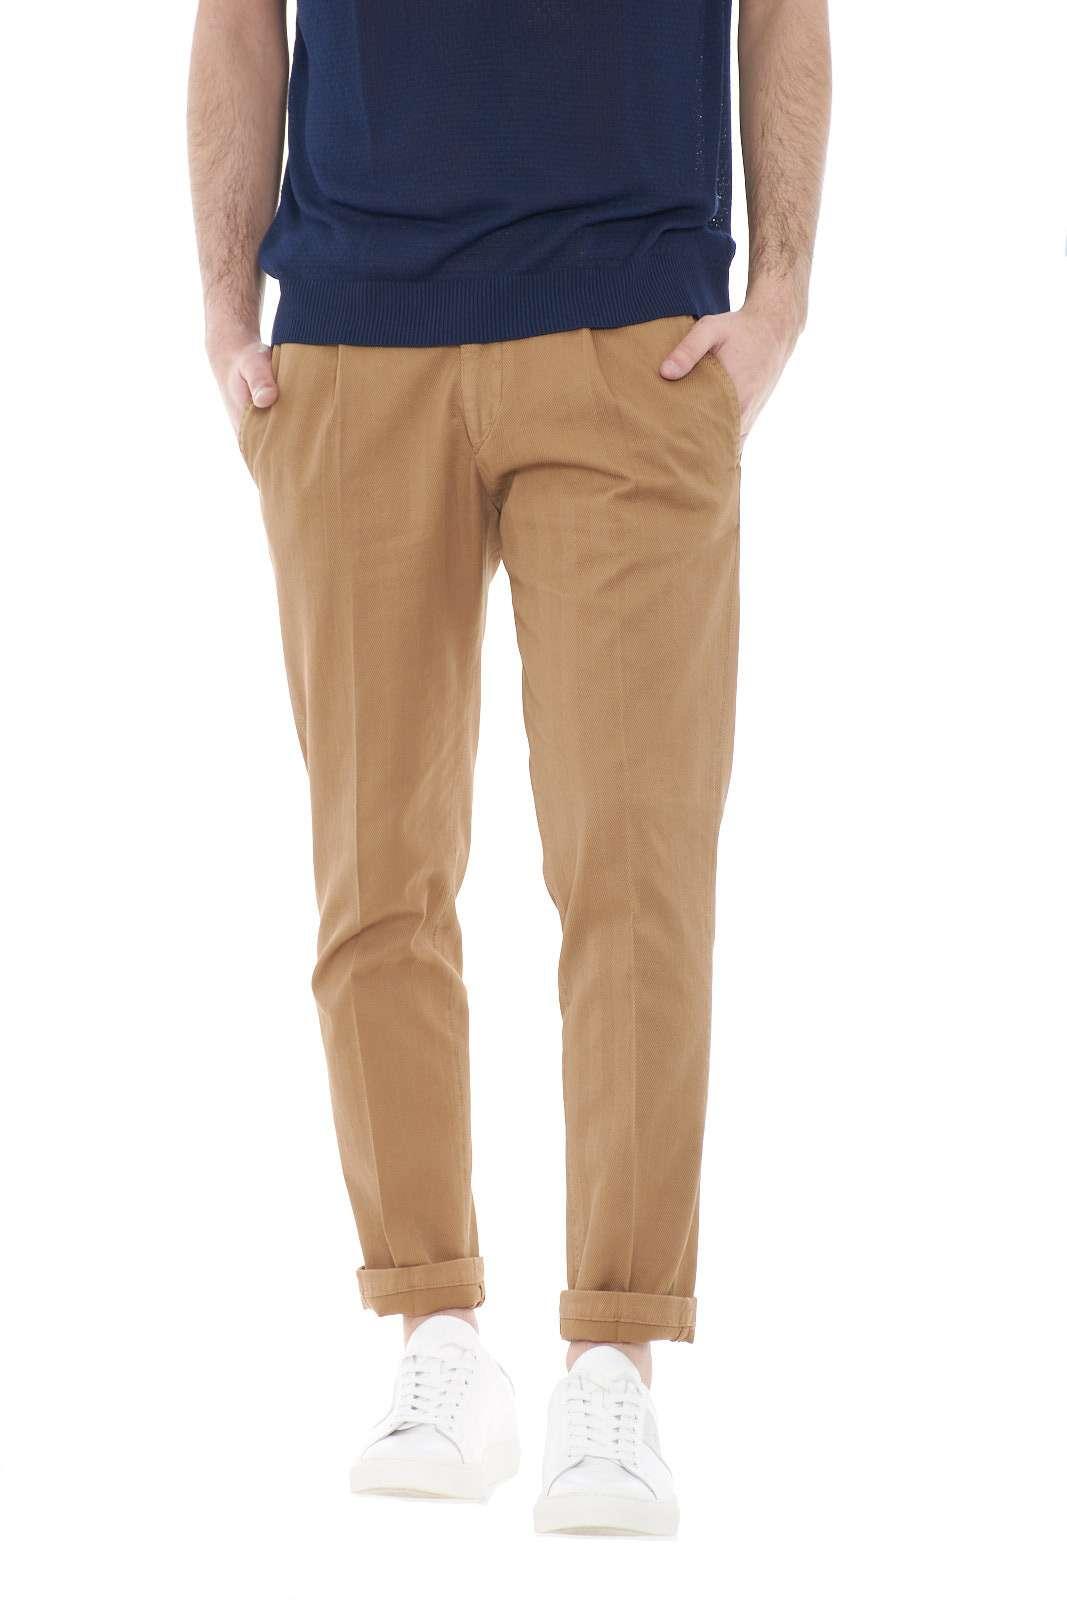 Scopri i nuovi pantaloni uomo proposti dalla collezione primavera estate di Michael Coal. Il modello capri si impone con le esclusive pinces e la lavorazione ad effetto rigato. Perfetto da indossare con una camicia o con una polo, è un capo senza tempo.